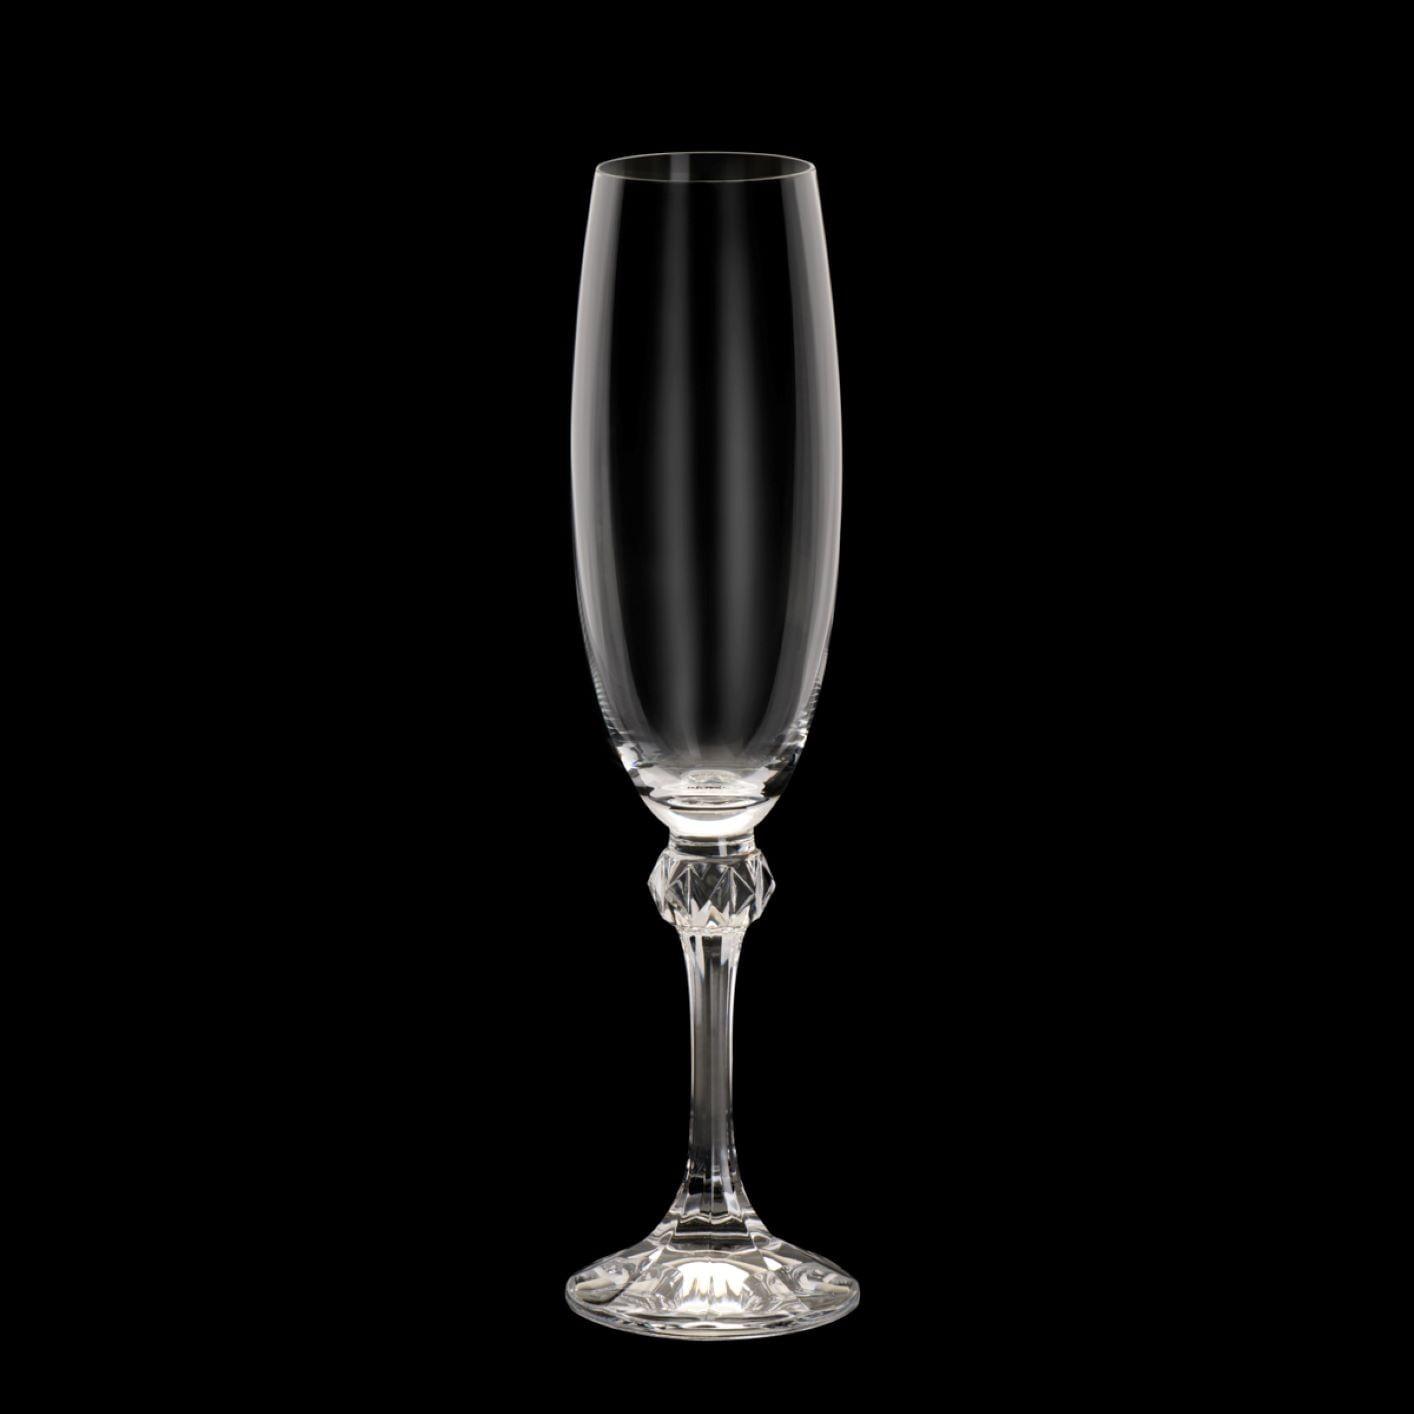 Jogo 6 Taças de Cristal para Champanhe Bohemia Elisa 220Ml